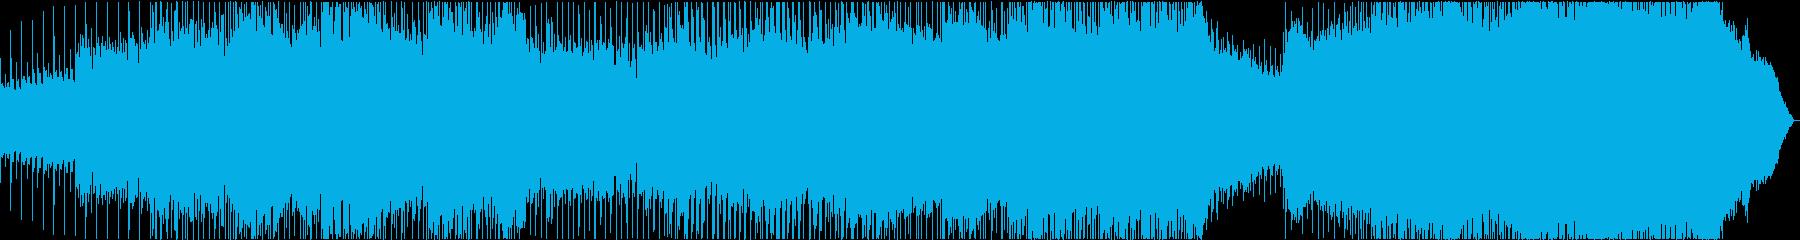 疾走シーンのパンキッシュバンドサウンドの再生済みの波形